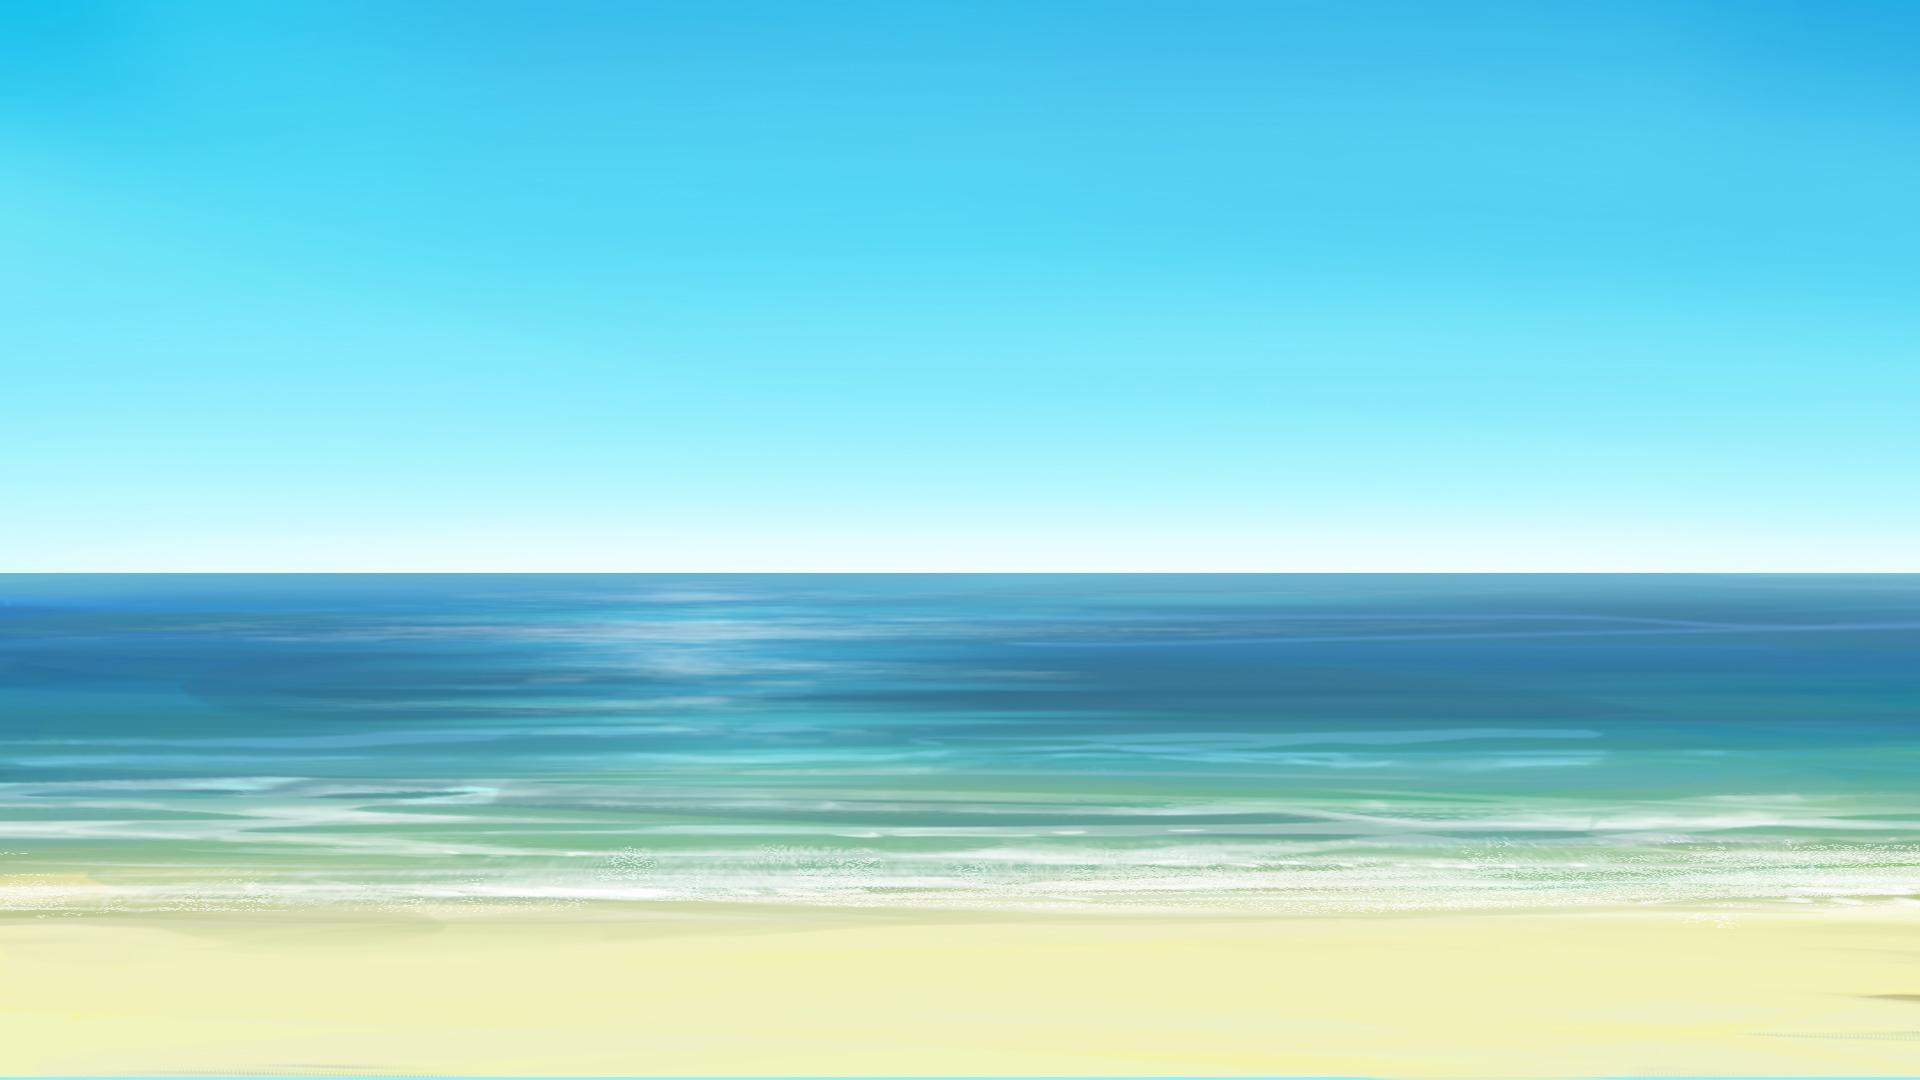 海砂浜背景素材psd背景素材 背景支援サイト背景ラボ